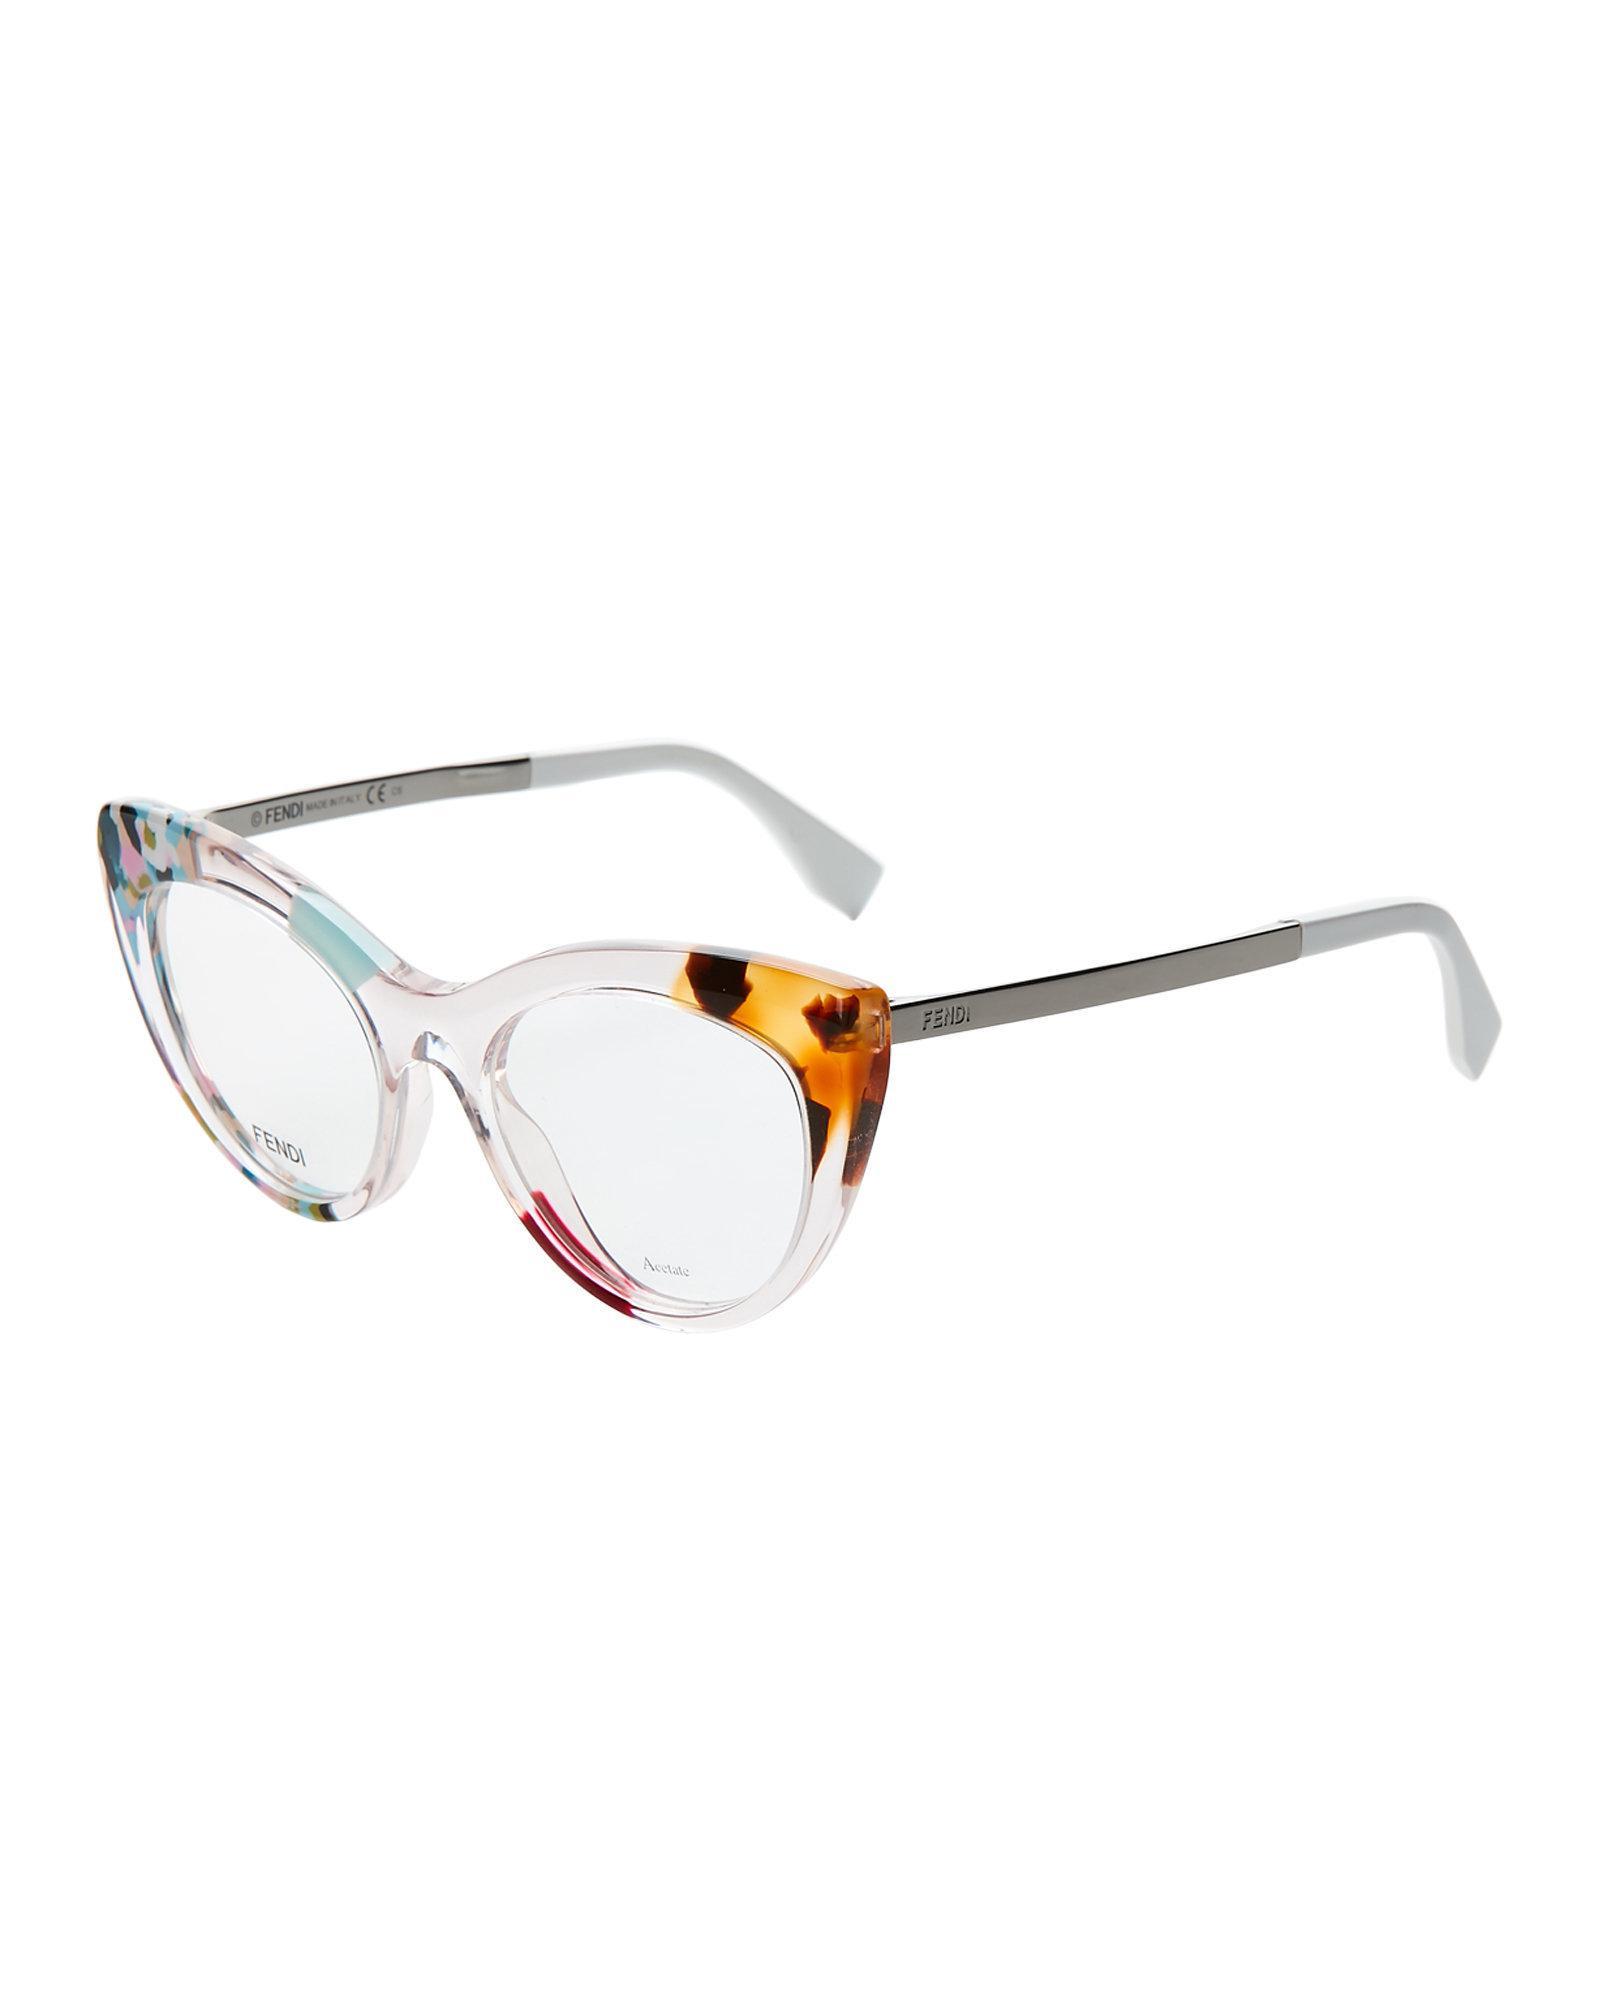 Lyst - Fendi Ff0157 Floral Cat Eye Optical Frames